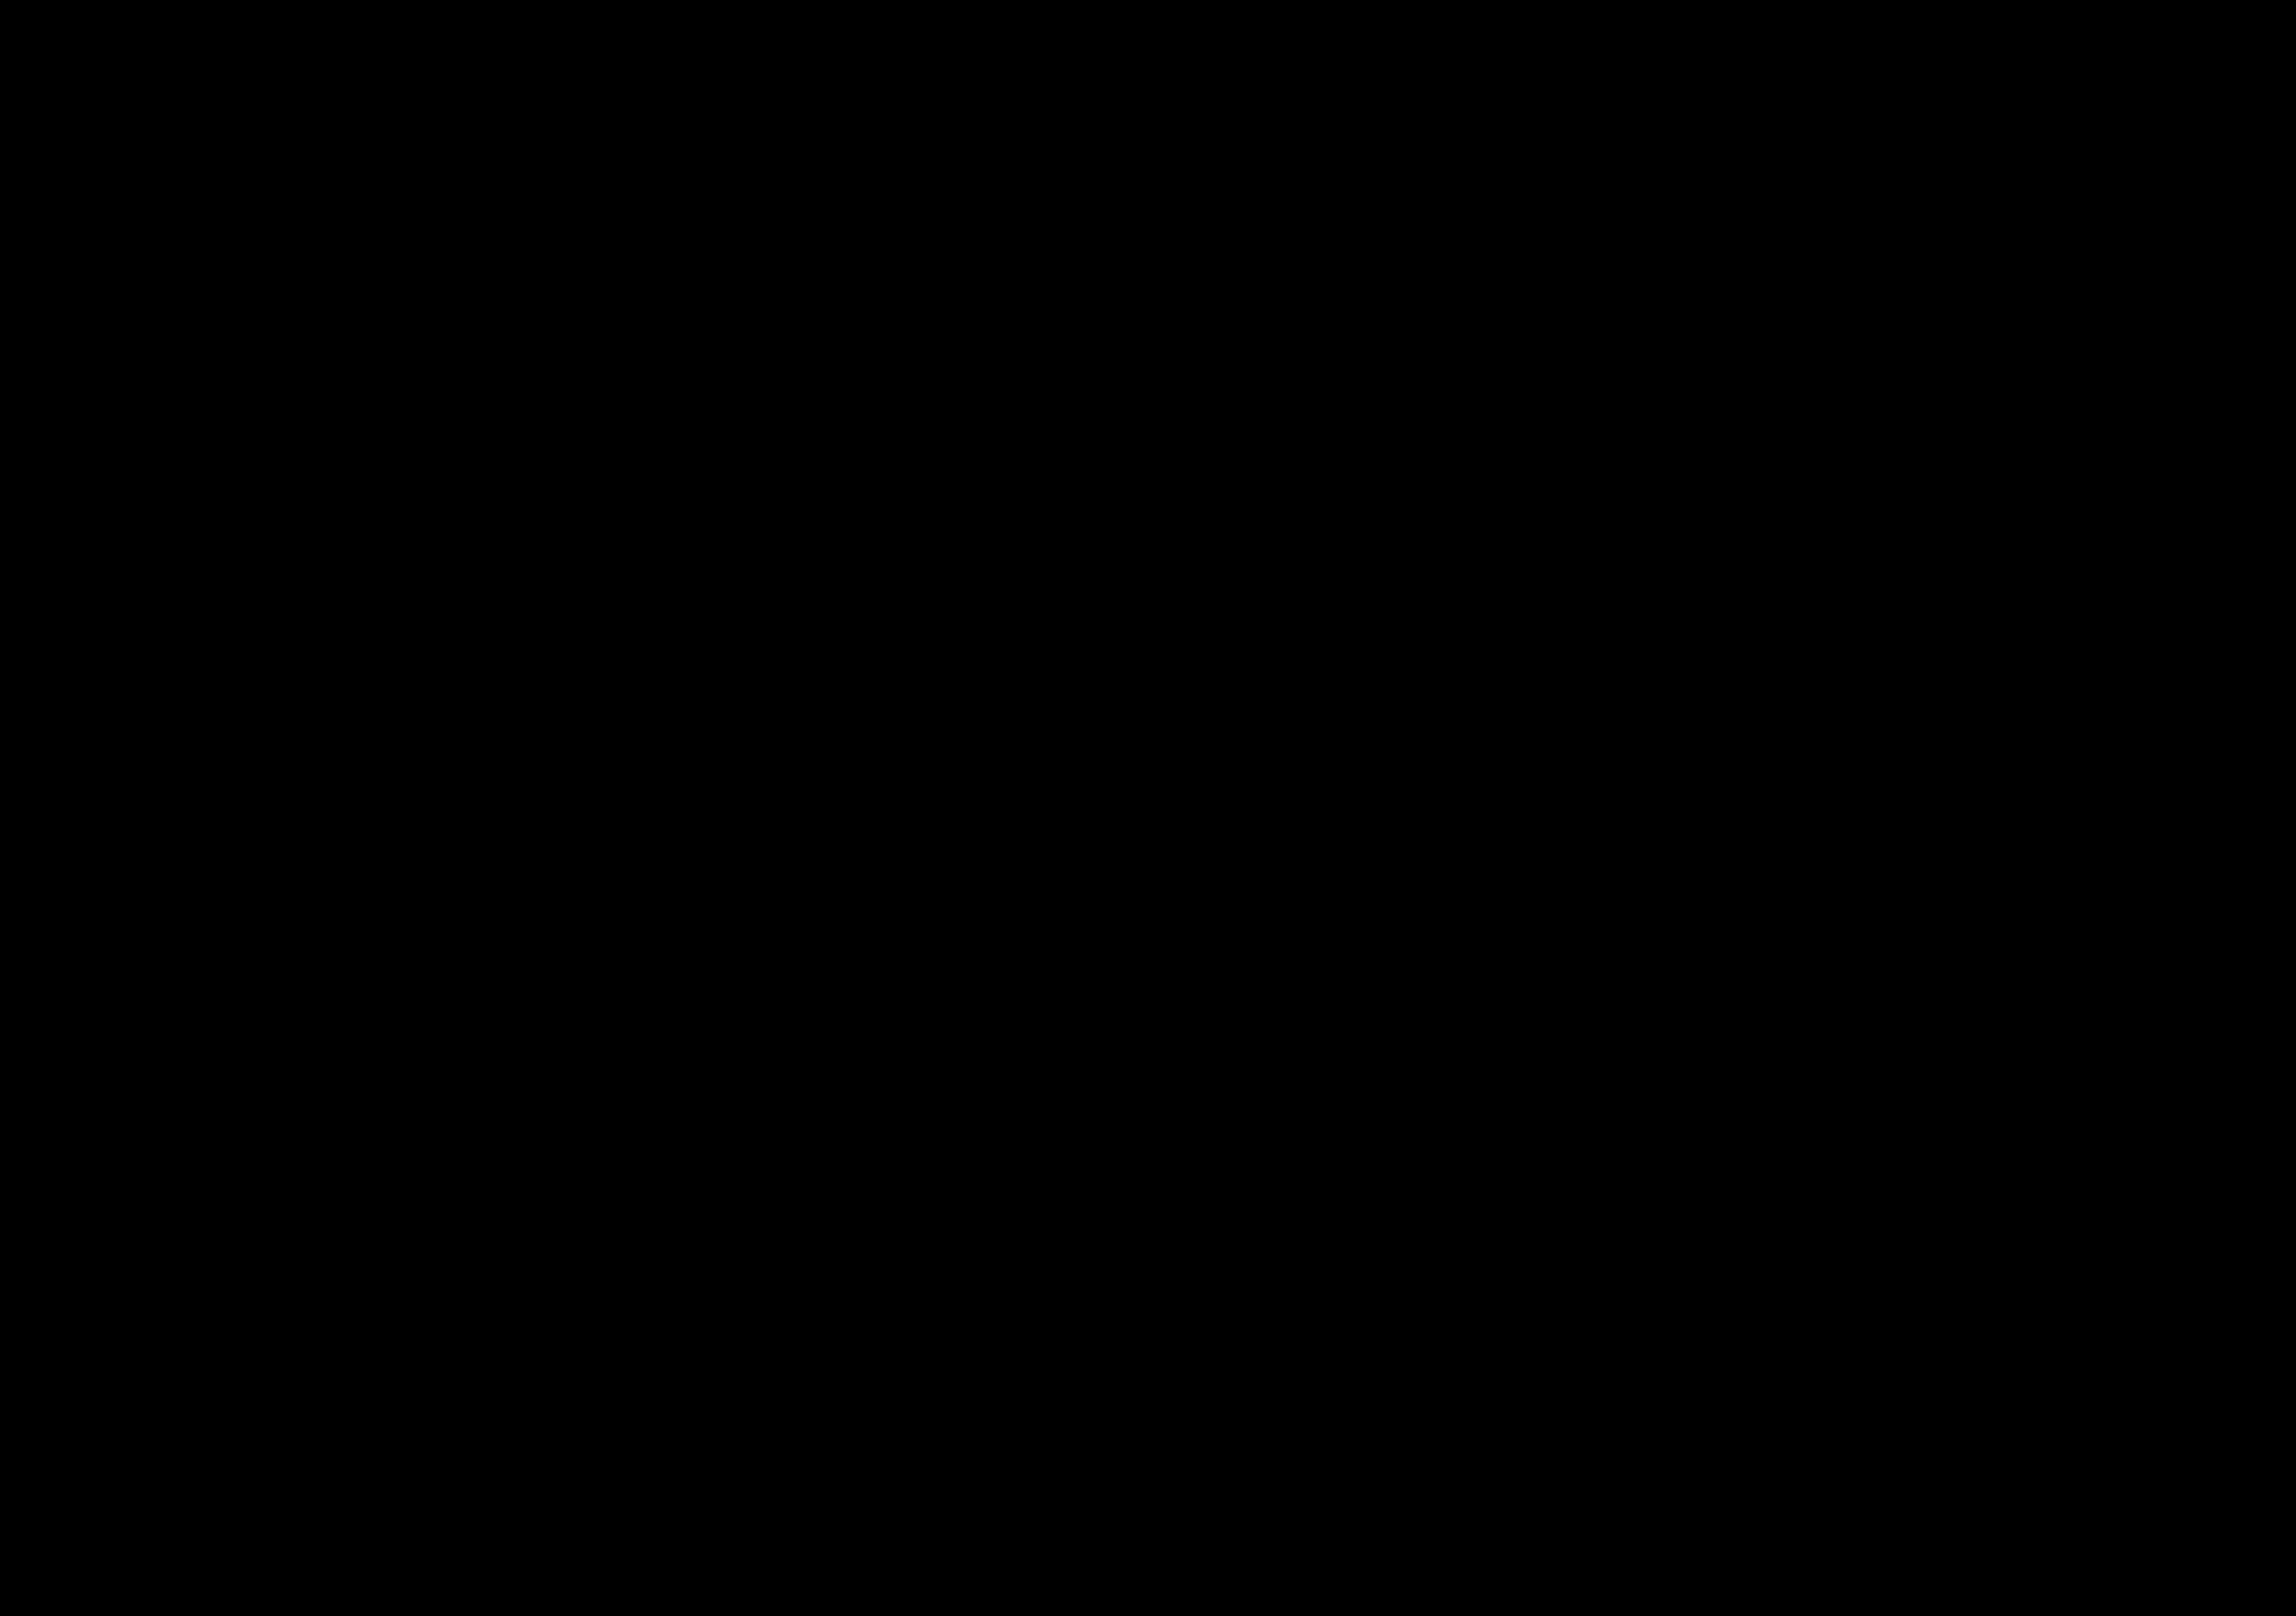 detour hk 2016 ping bing pong championship games